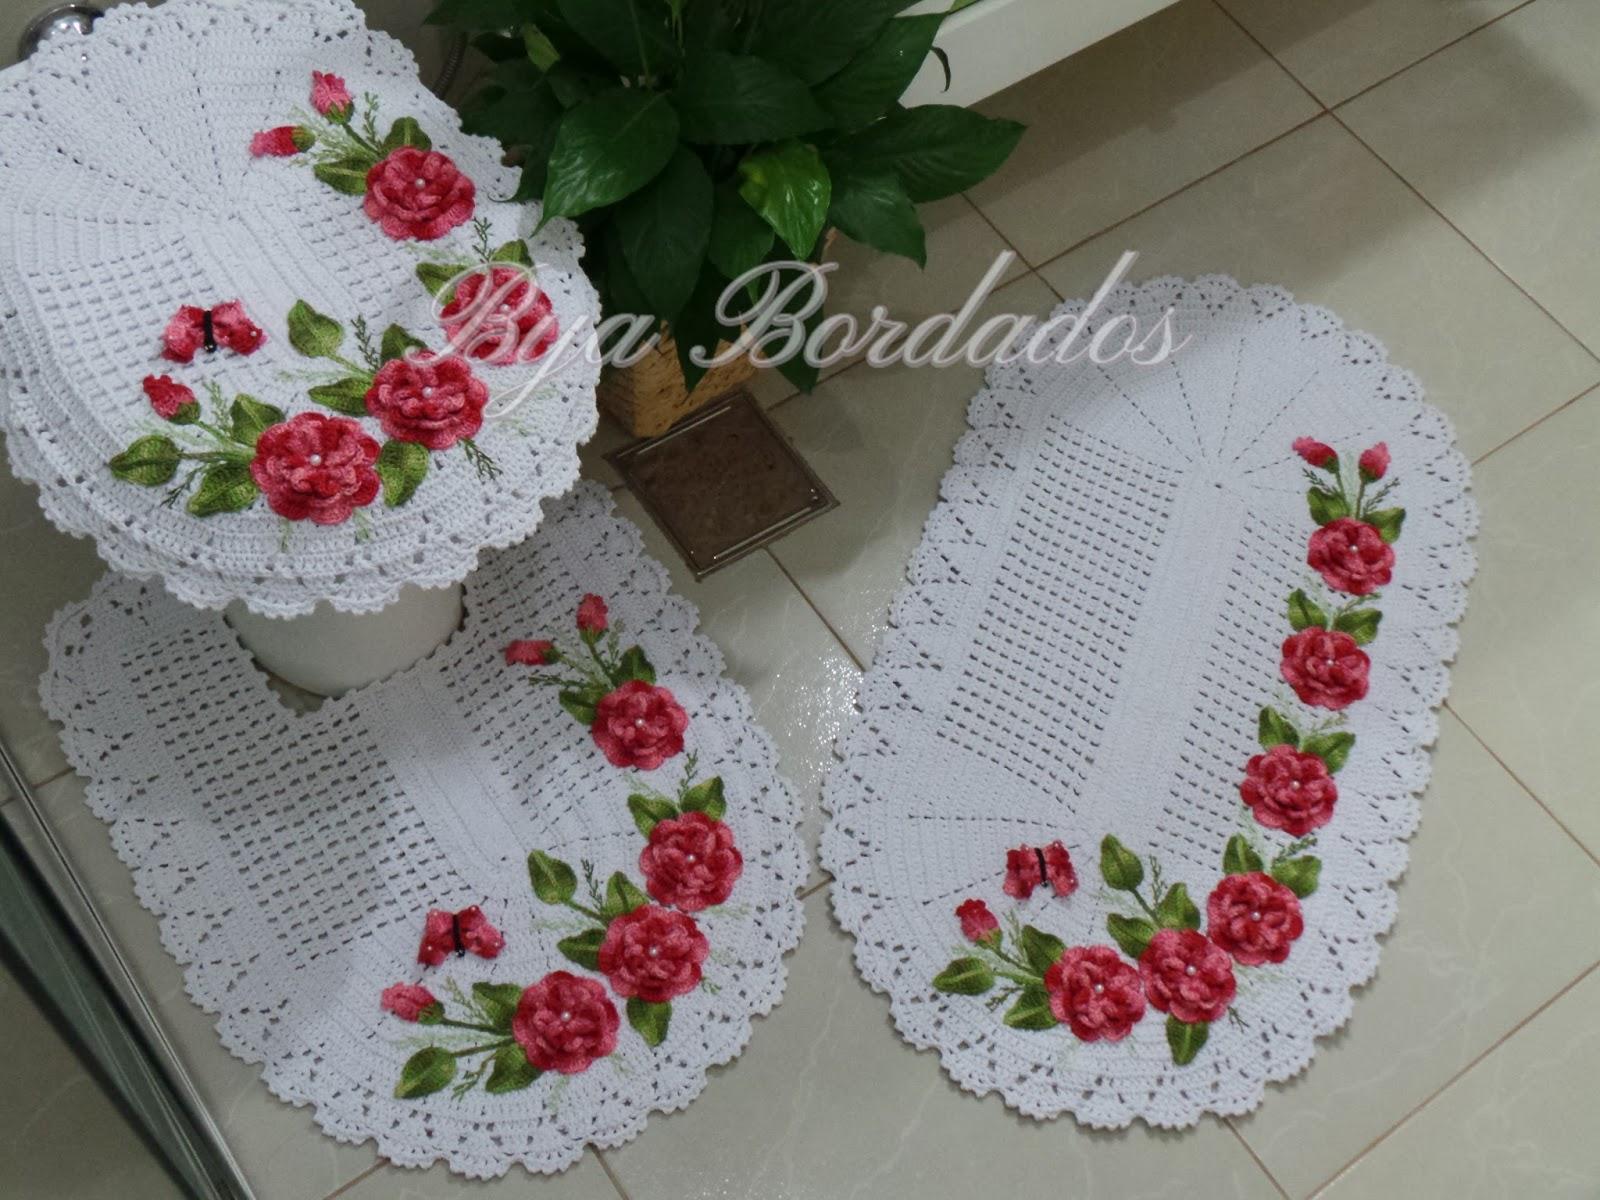 Bya Bordados Arte em Crochê e Bordados -> Pia De Banheiro Em Ingles